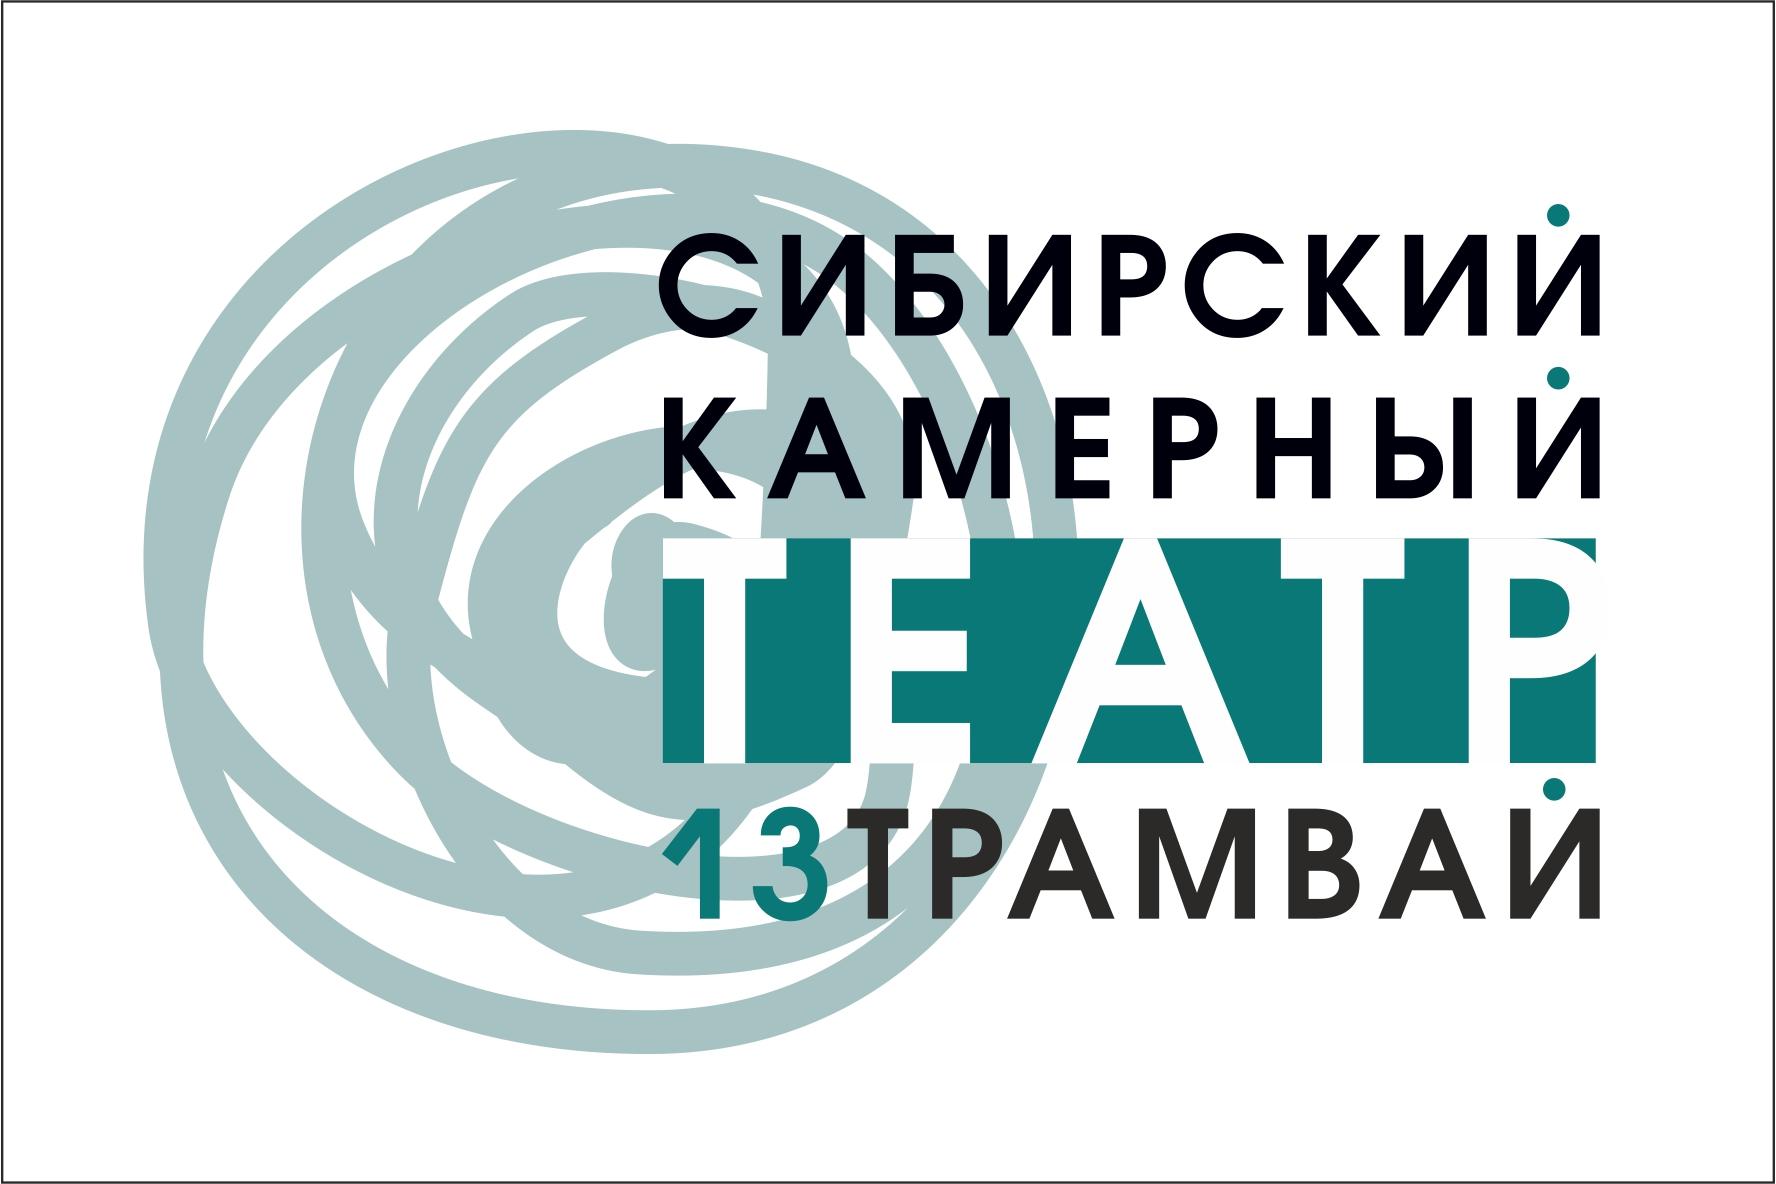 АНО Сибирский камерный театр